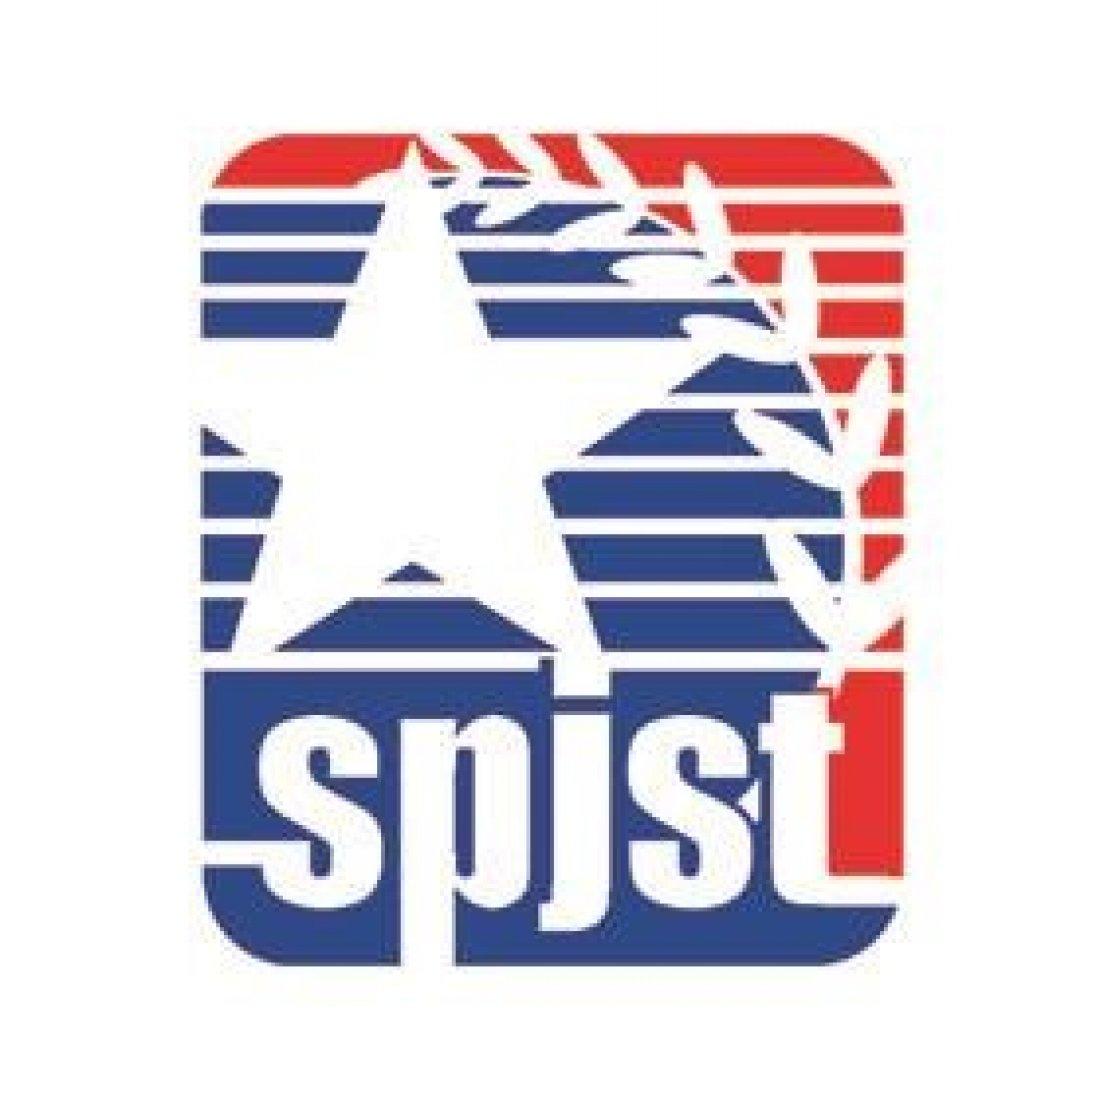 07012017_Texas Slavonic Logo_SPJST